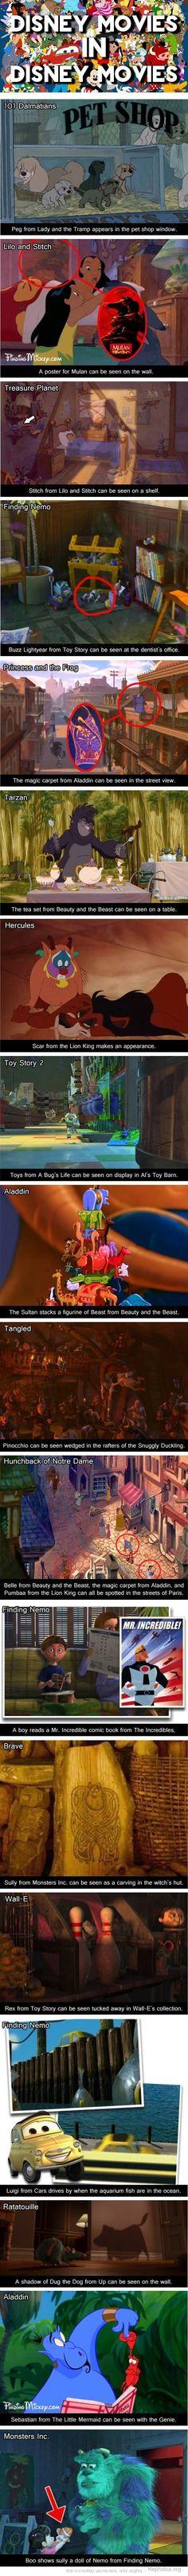 Disney in Disney